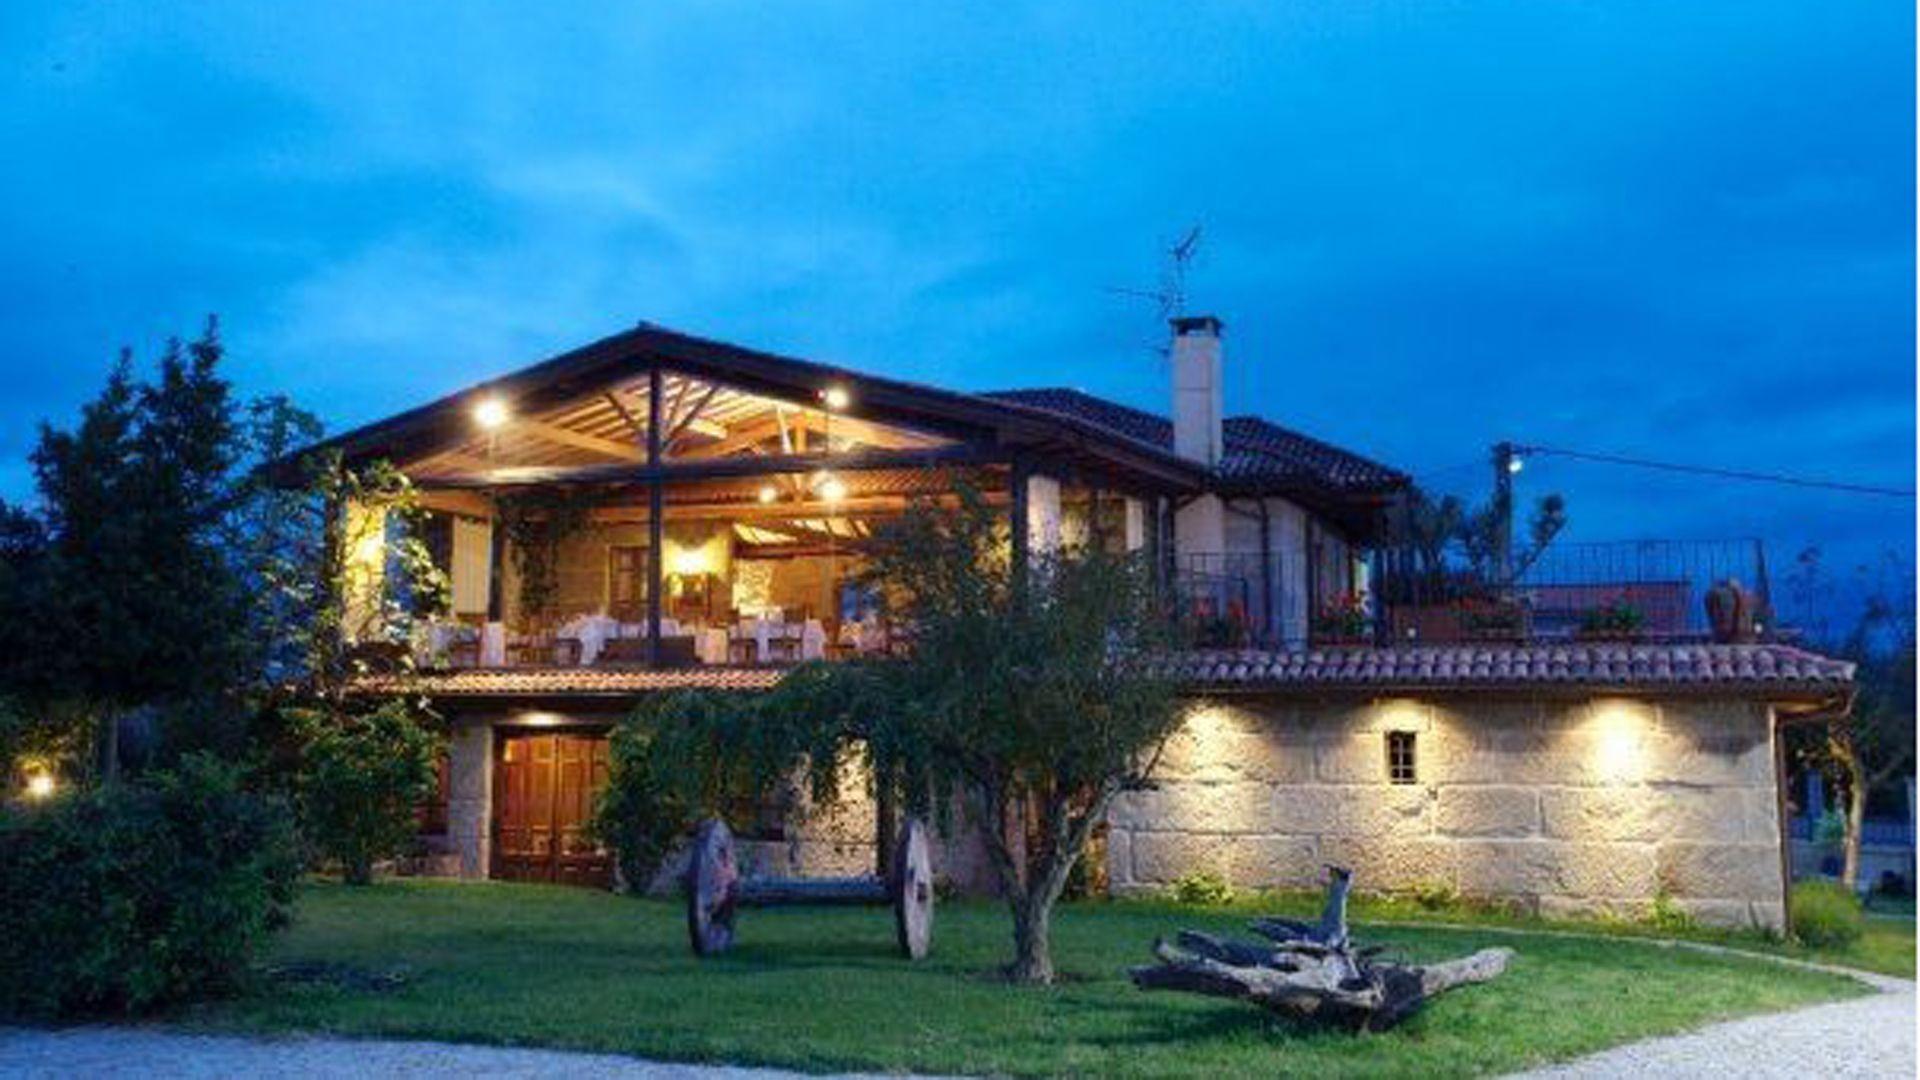 Restaurante con cocina tradicional en Ourense